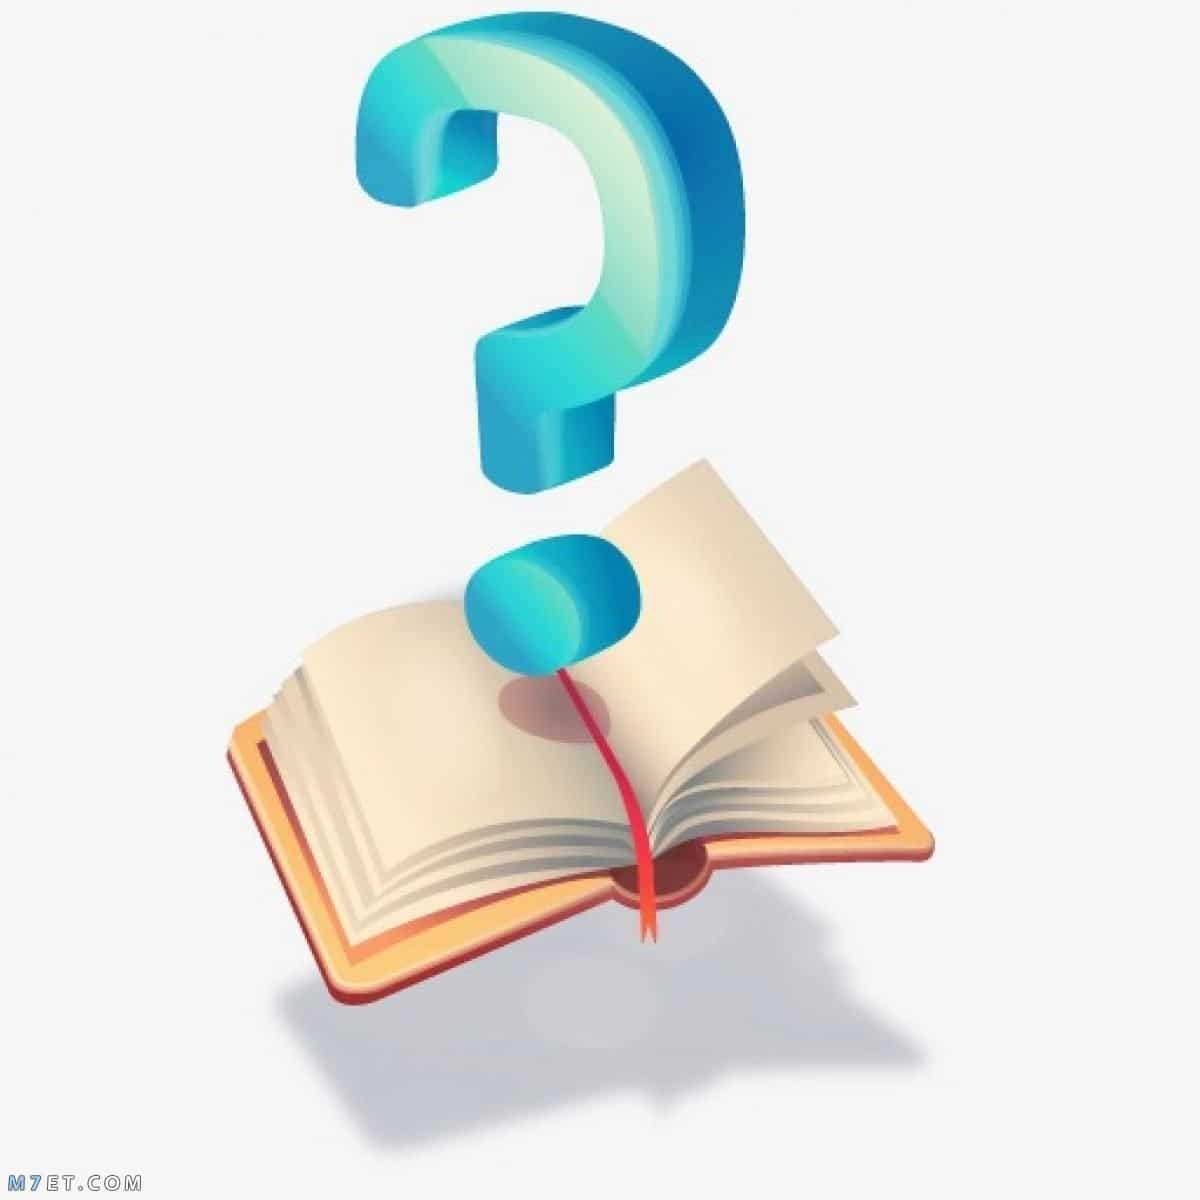 أسئلة فلسفية مضحكة كنج كونج 15